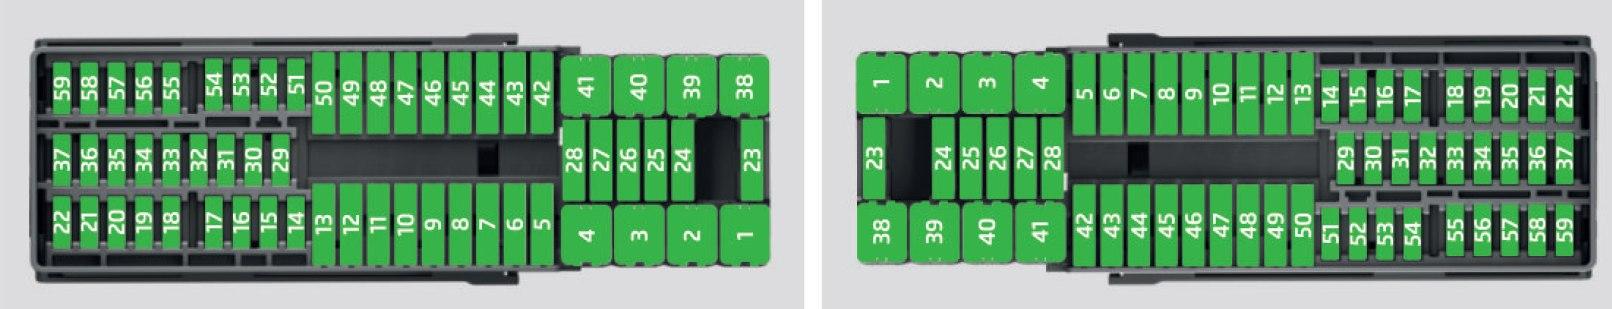 Skoda Fabia (2016) - fuse box diagram - Auto Genius